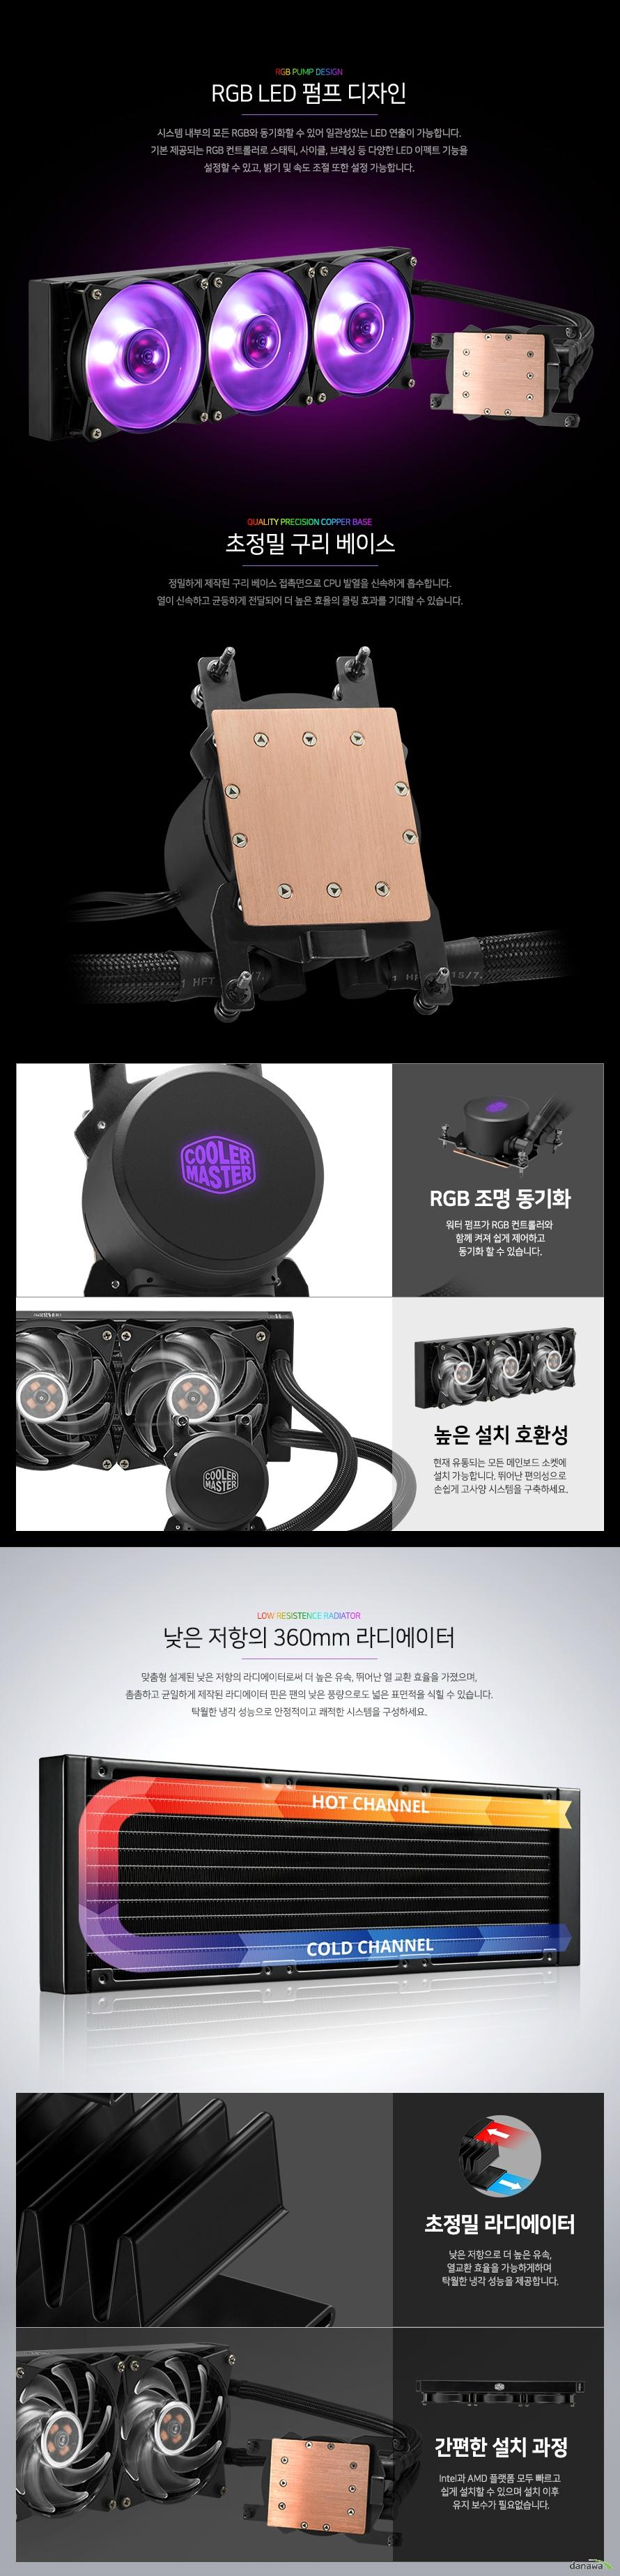 쿨러마스터 MasterLiquid ML360 RGB TR4 EDITION